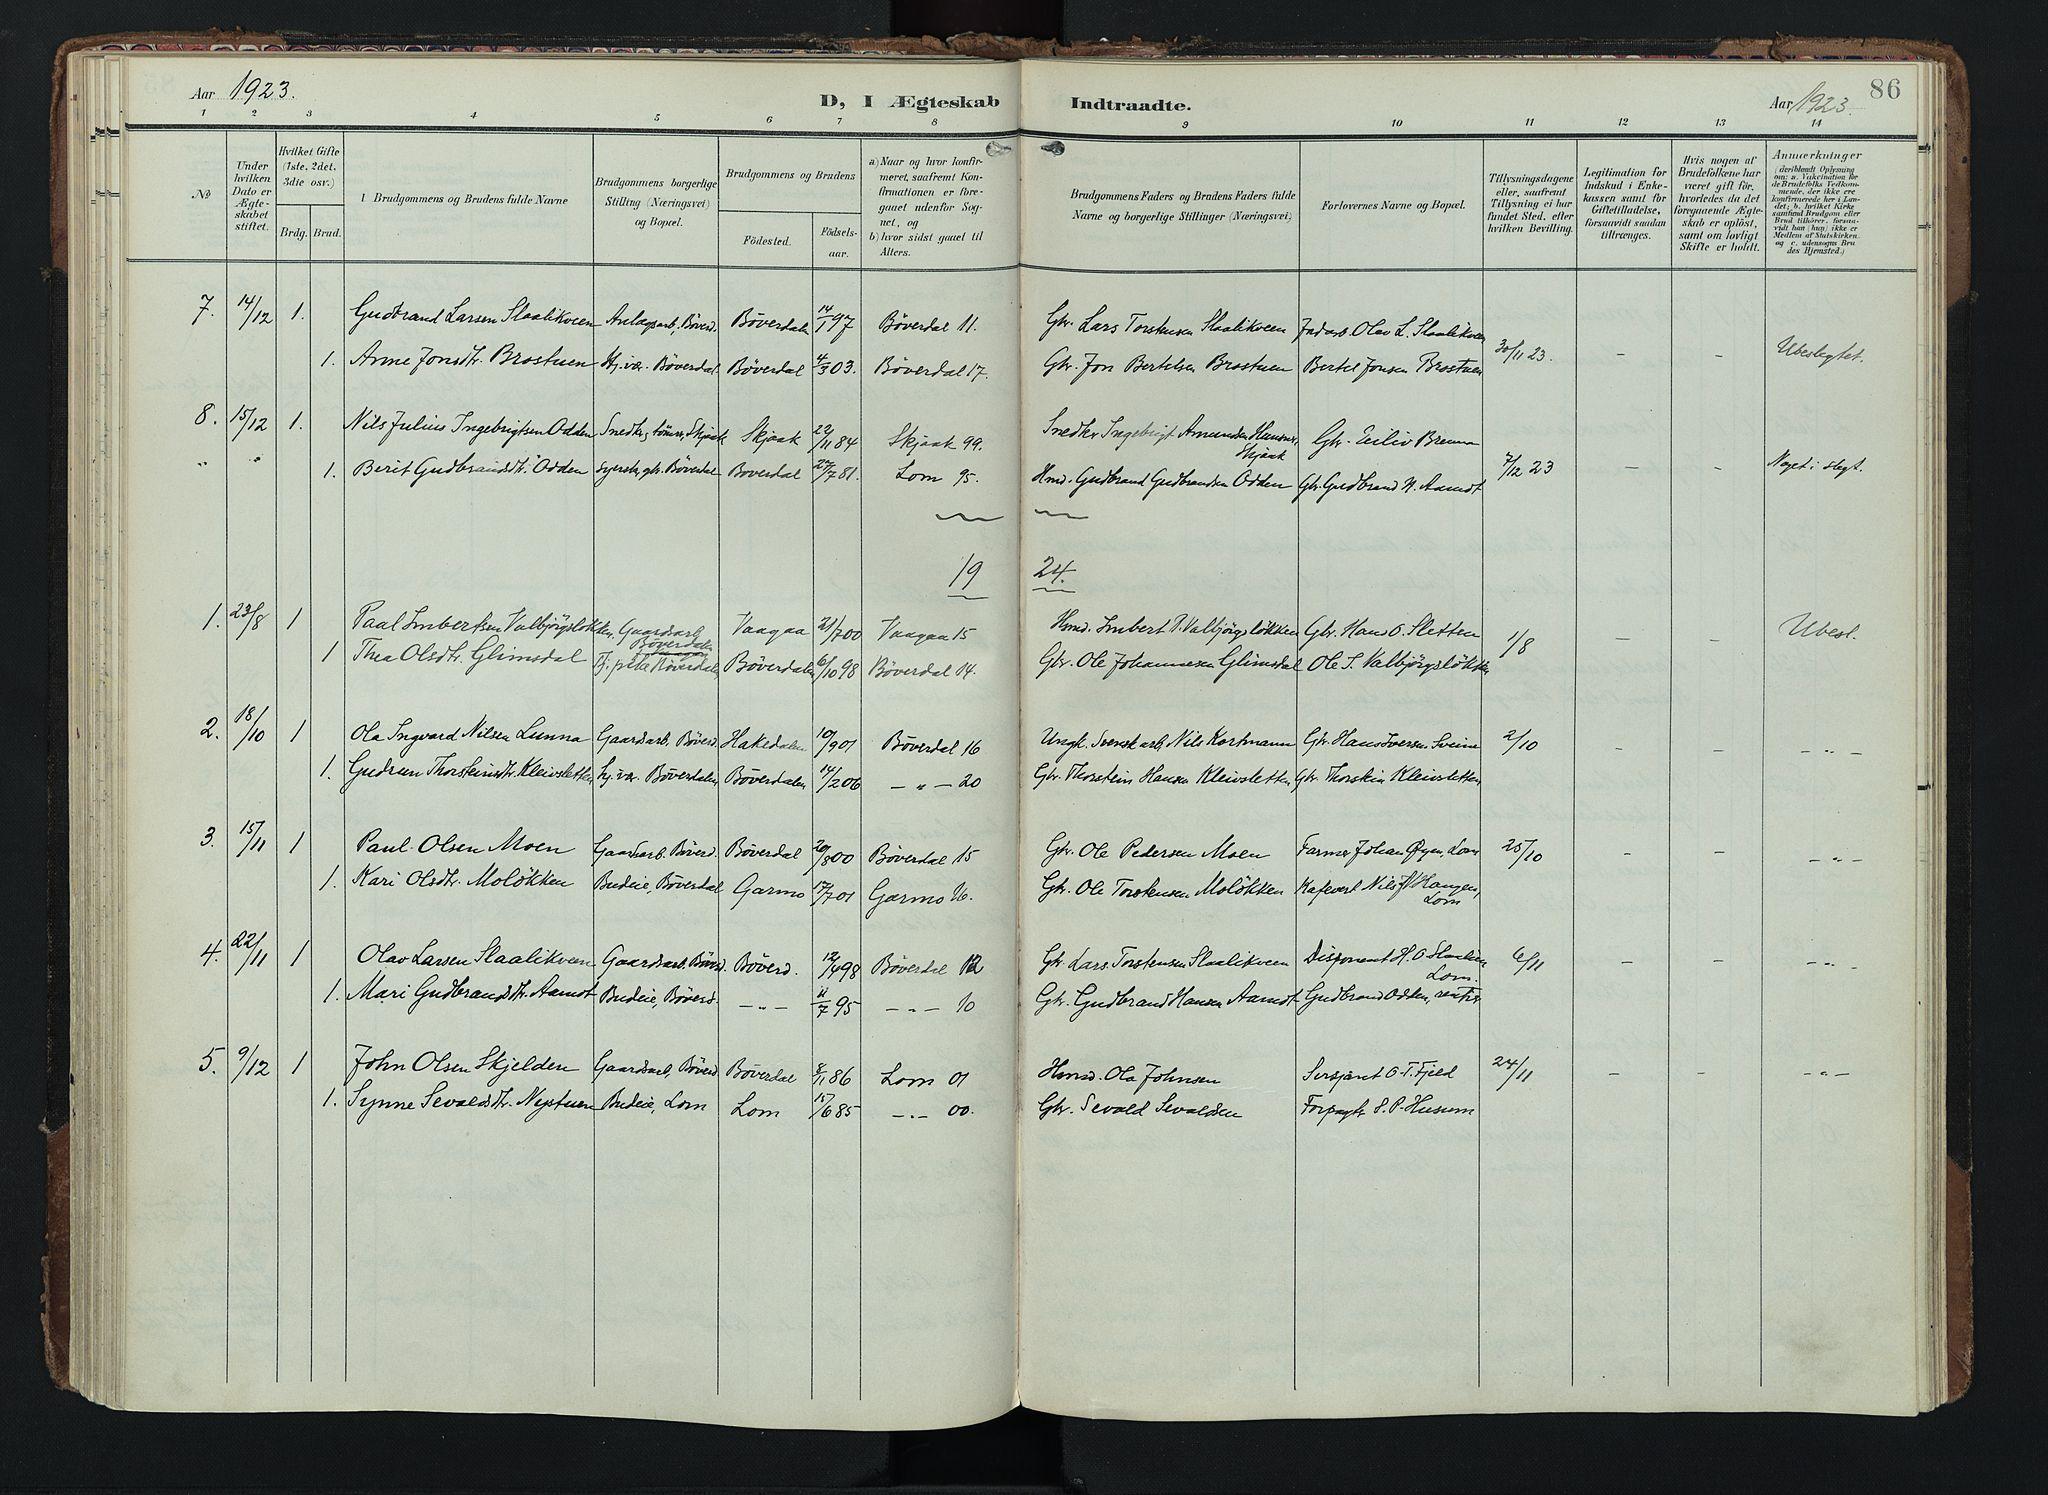 SAH, Lom prestekontor, K/L0012: Ministerialbok nr. 12, 1904-1928, s. 86